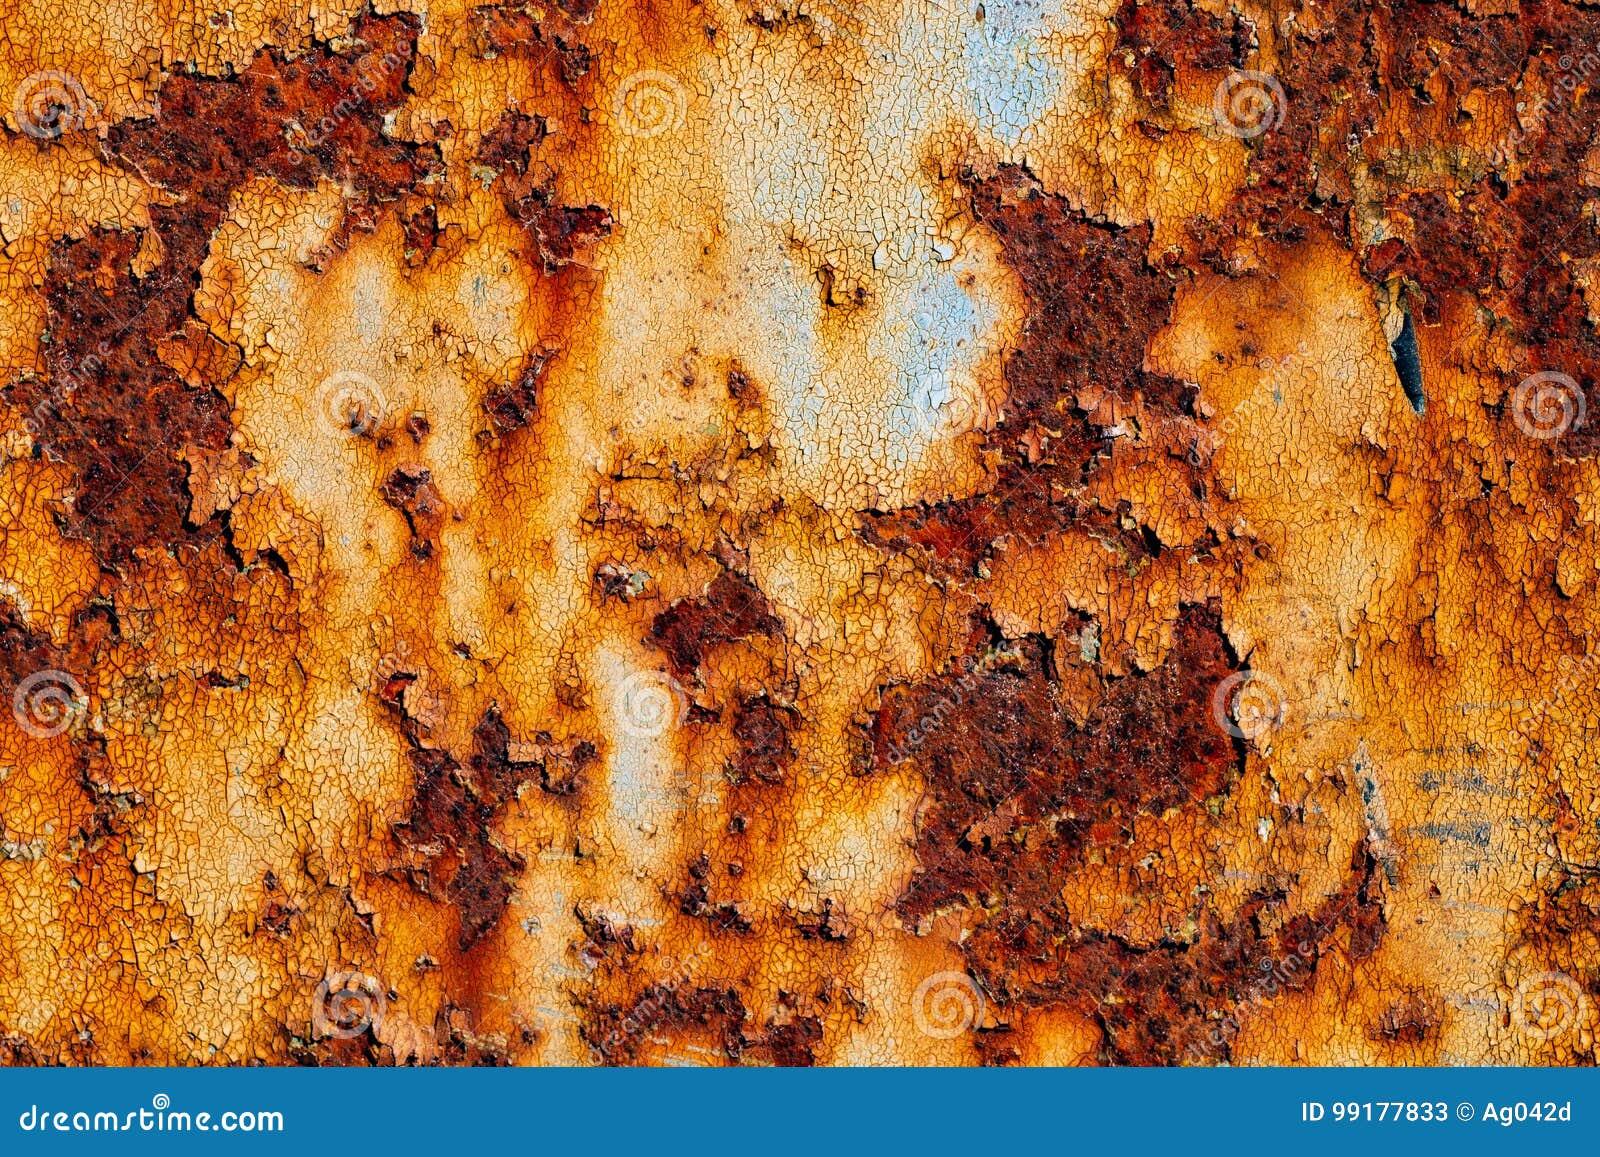 生锈的金属板料与破裂和片状油漆的